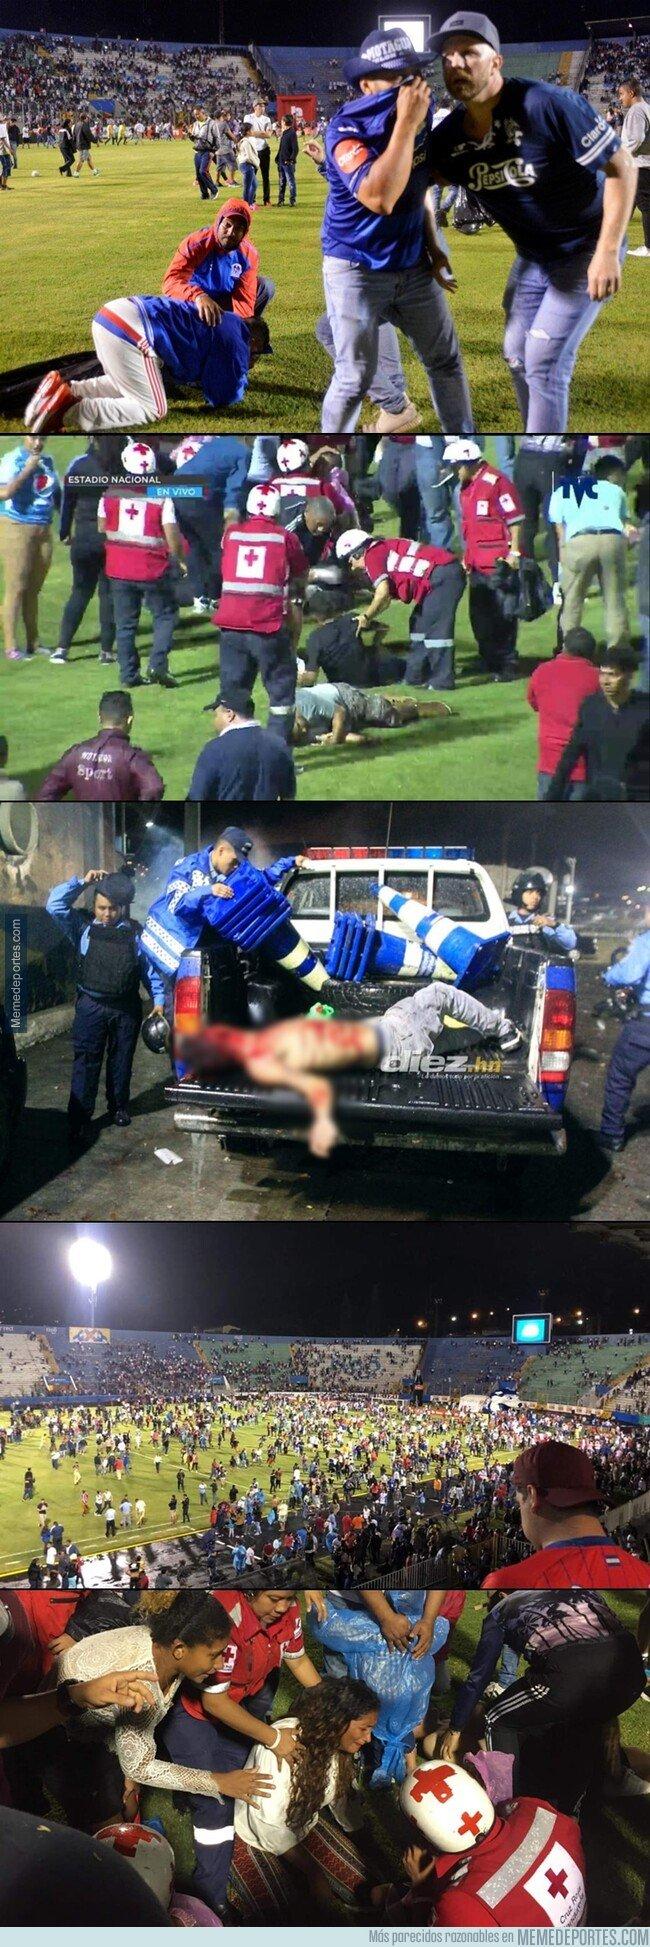 1083721 - No aprendemos. Un partido de fútbol en Honduras termina con 4 muertos y 8 heridos